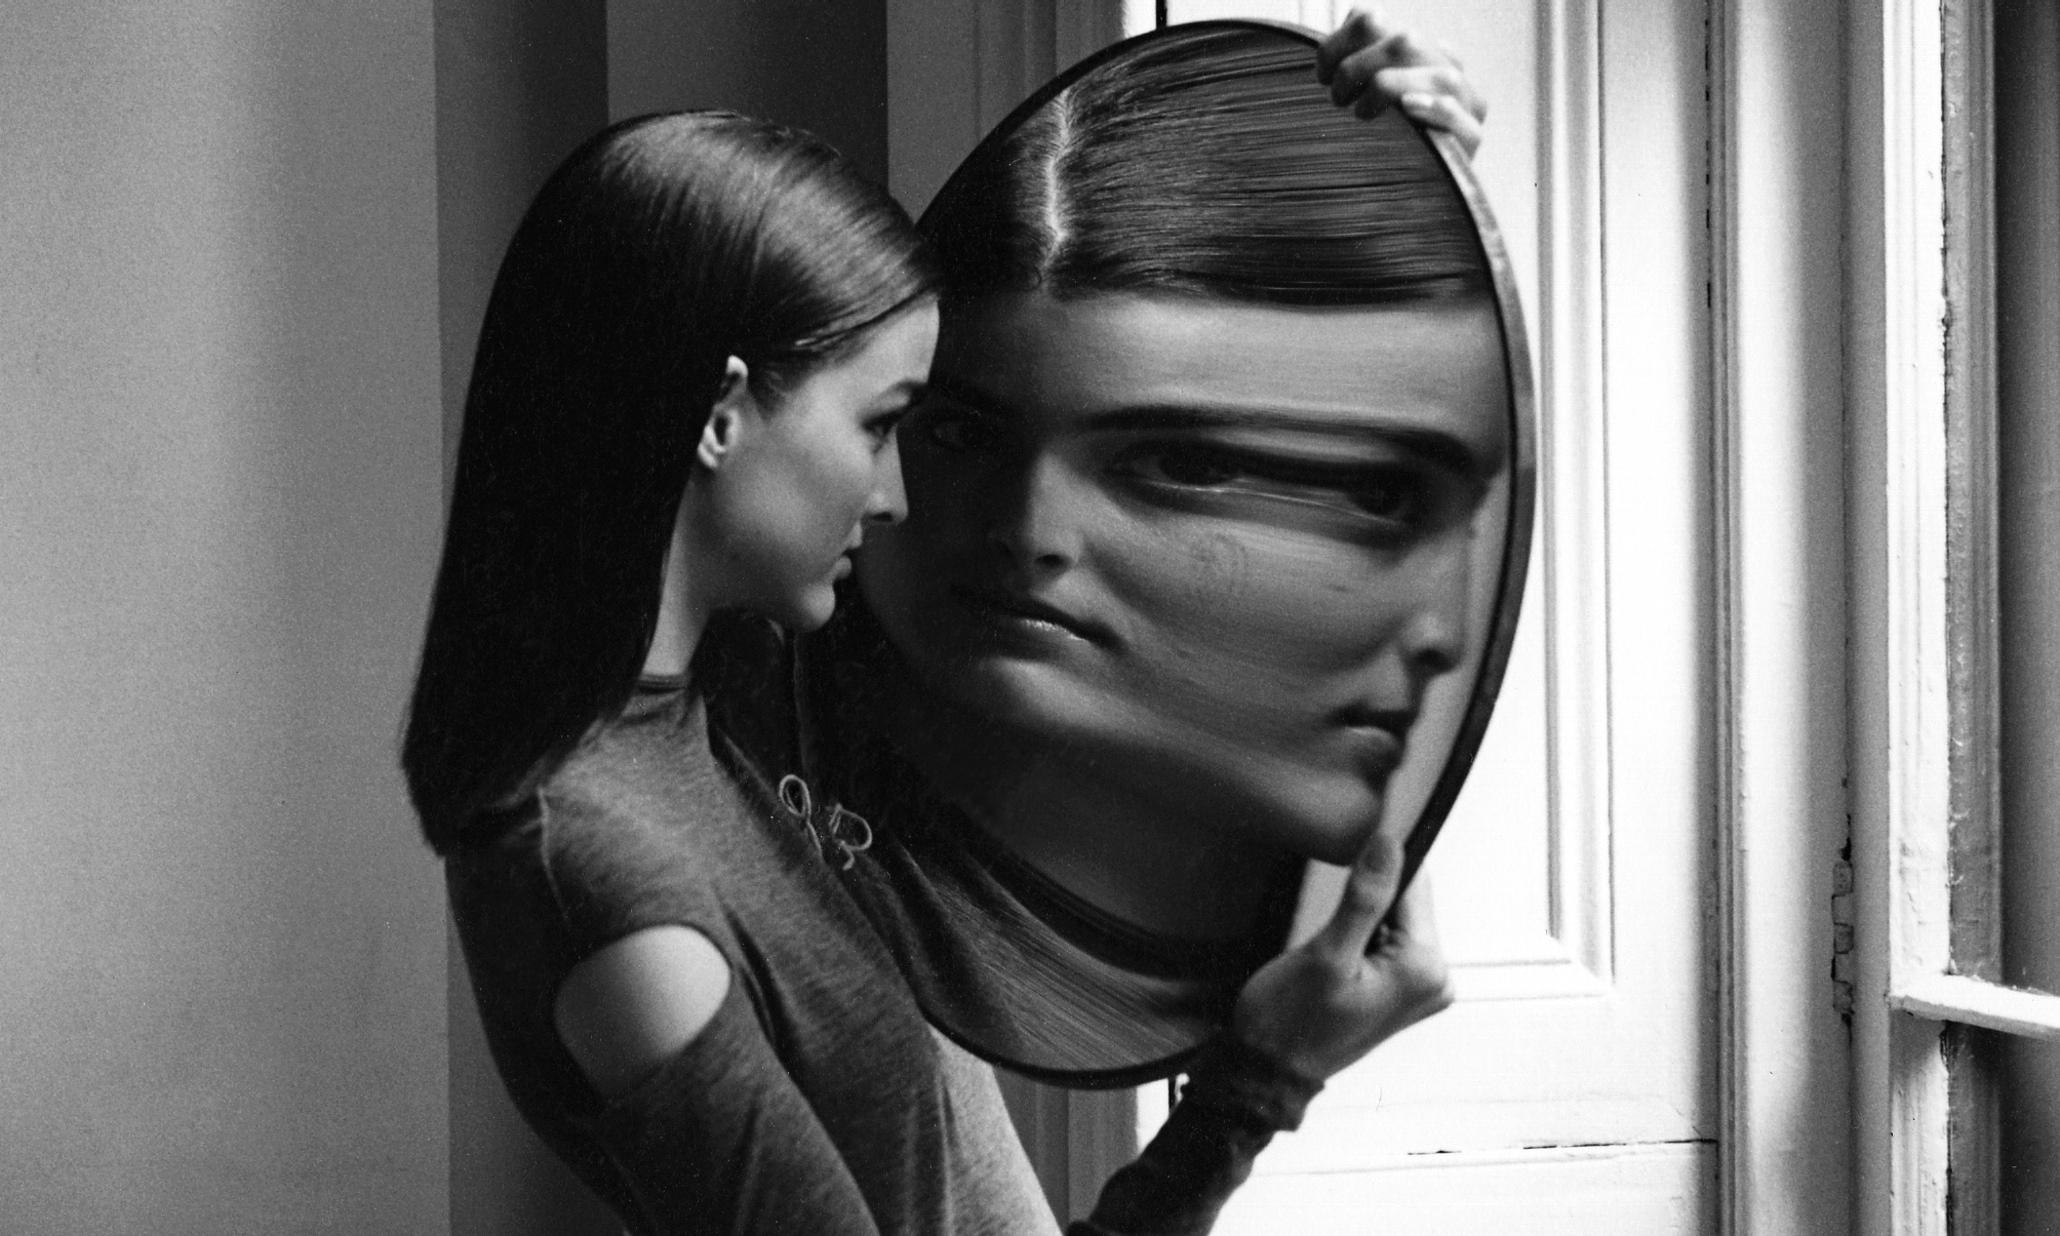 Duane Michals Best Photograph French Vogue Does Quantum